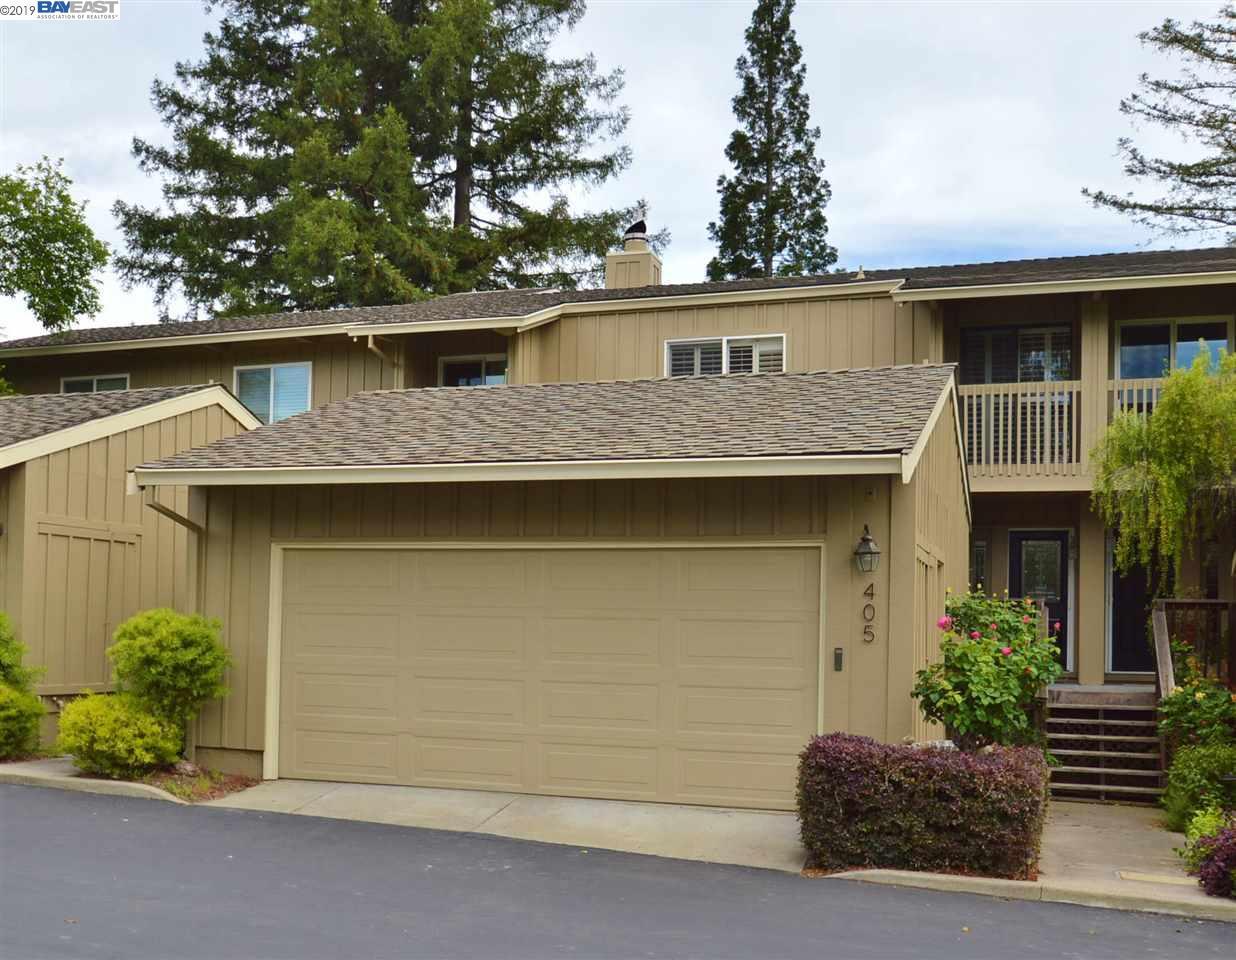 405 Sycamore Hill Dr Danville, CA 94526